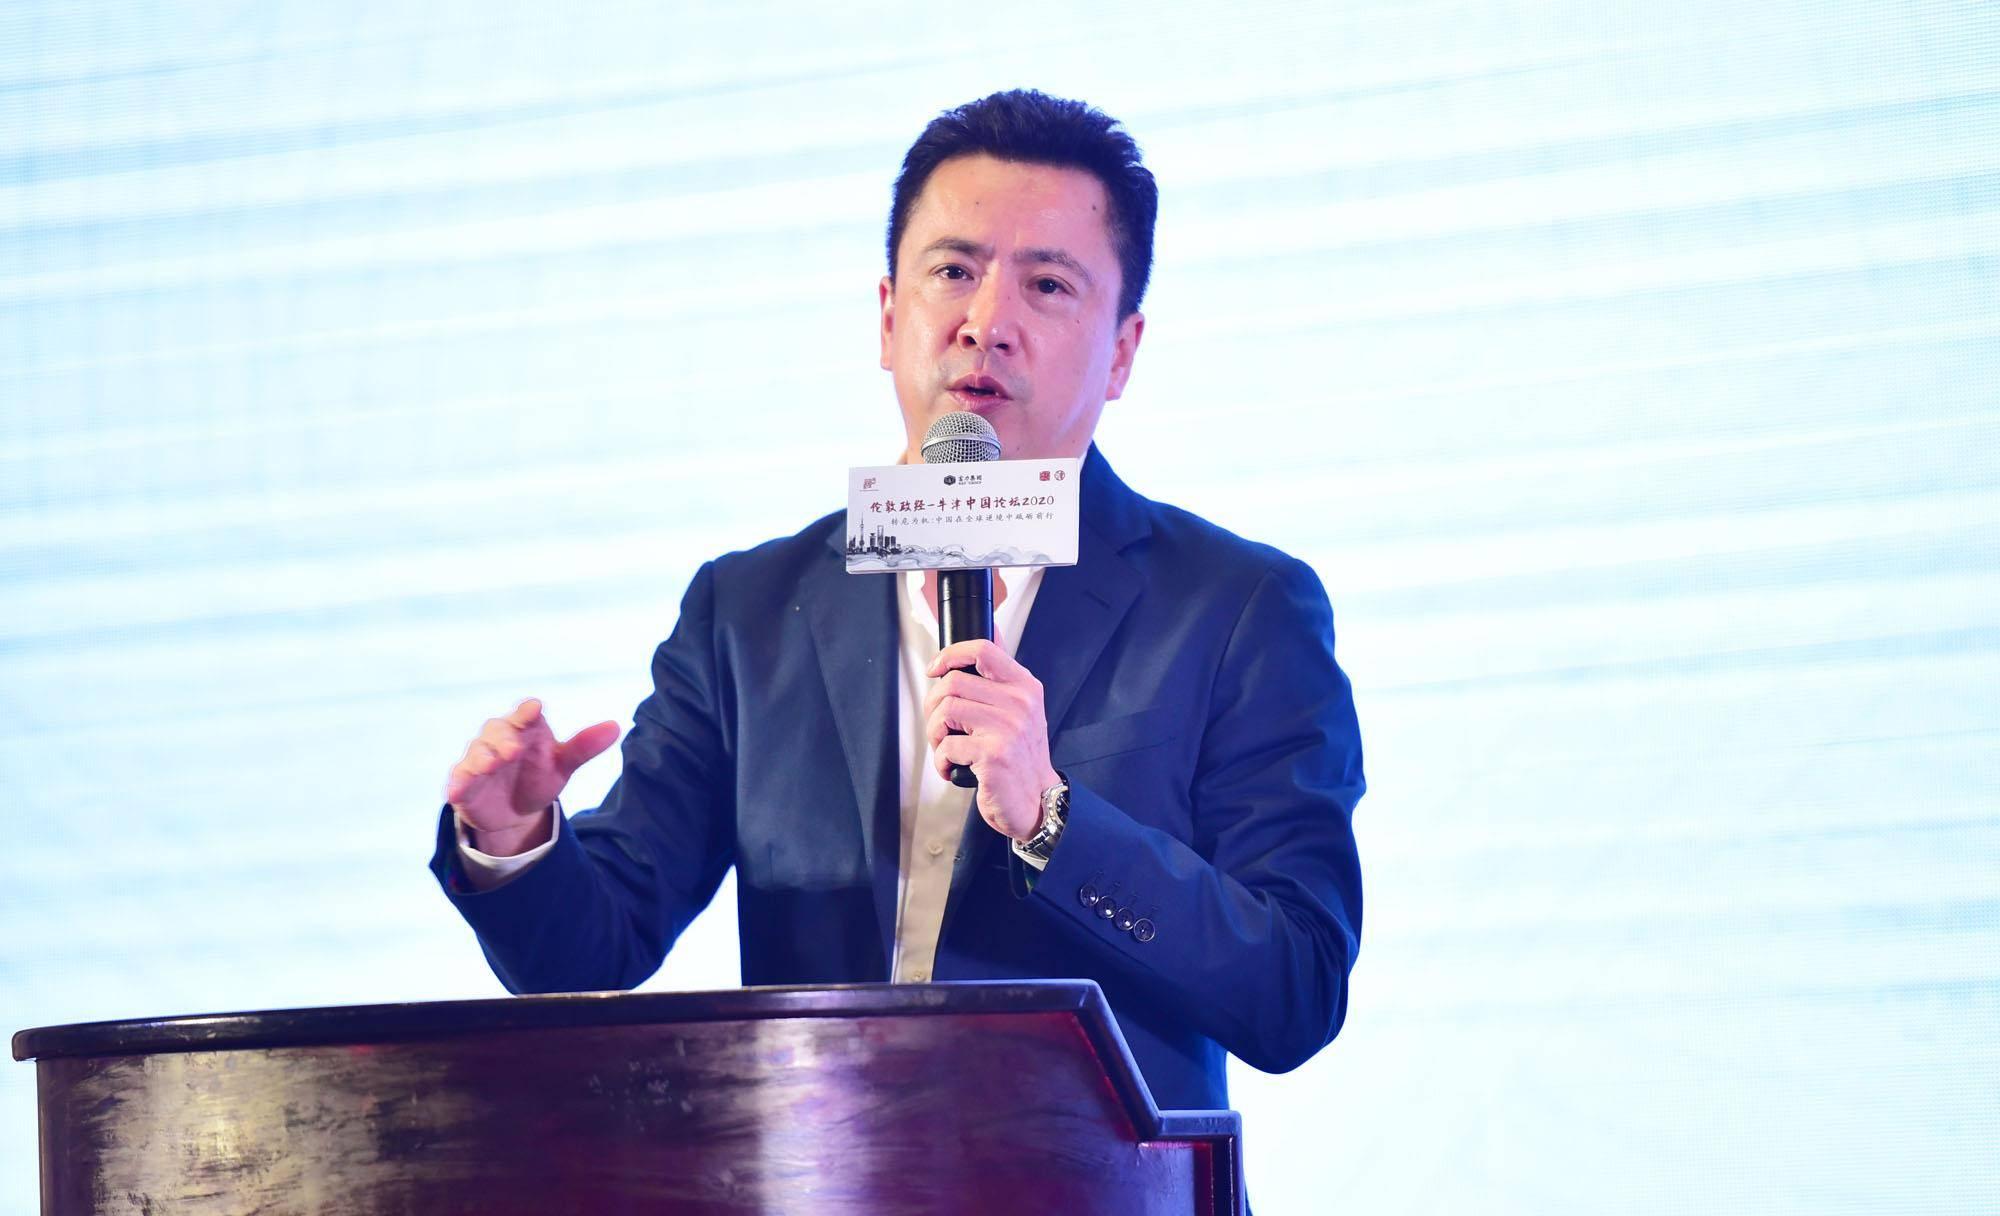 王中磊参加论坛谈后疫情时代中国电影新浪潮 否认《八佰》救市